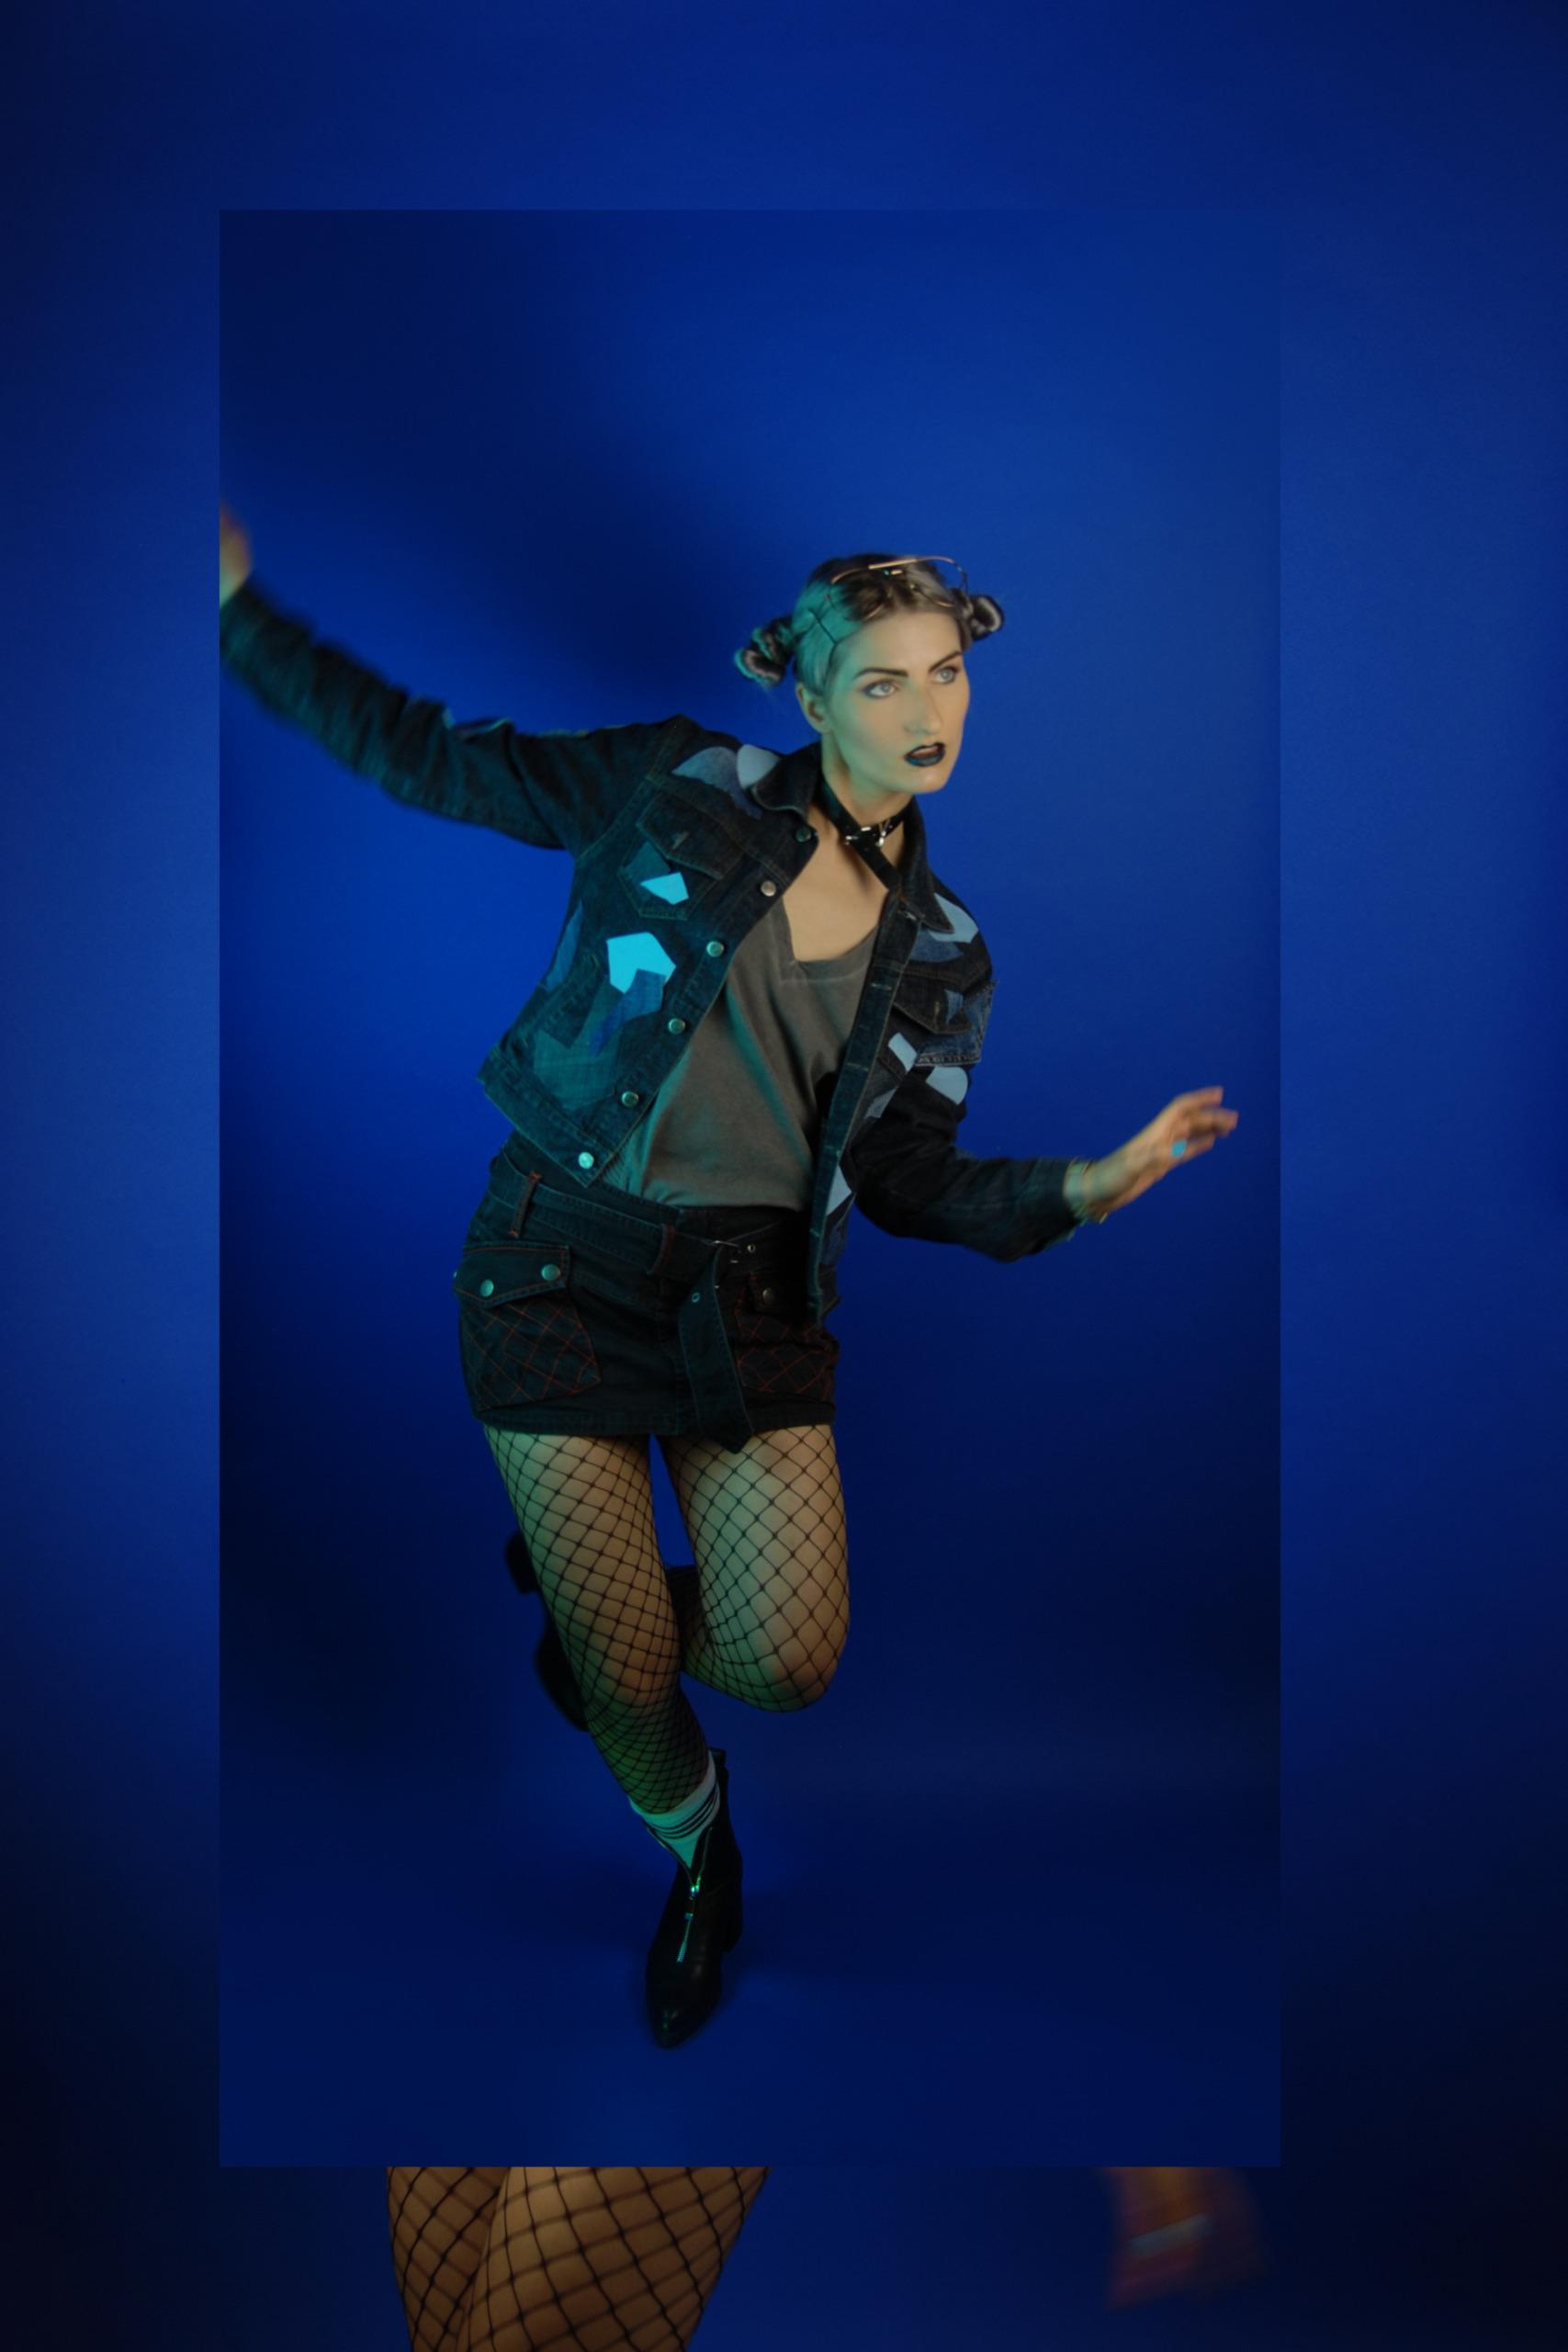 Zdjęcie przedstawia młodą kobietę w tanecznej pozie na niebieskim tle, kobieta ubrana jest w krótką spódniczkę, kurtkę, białe skarpety, czarne buty, włosy ma zebrane w dwa koczki, a usta pomalowane na ciemny kolor.